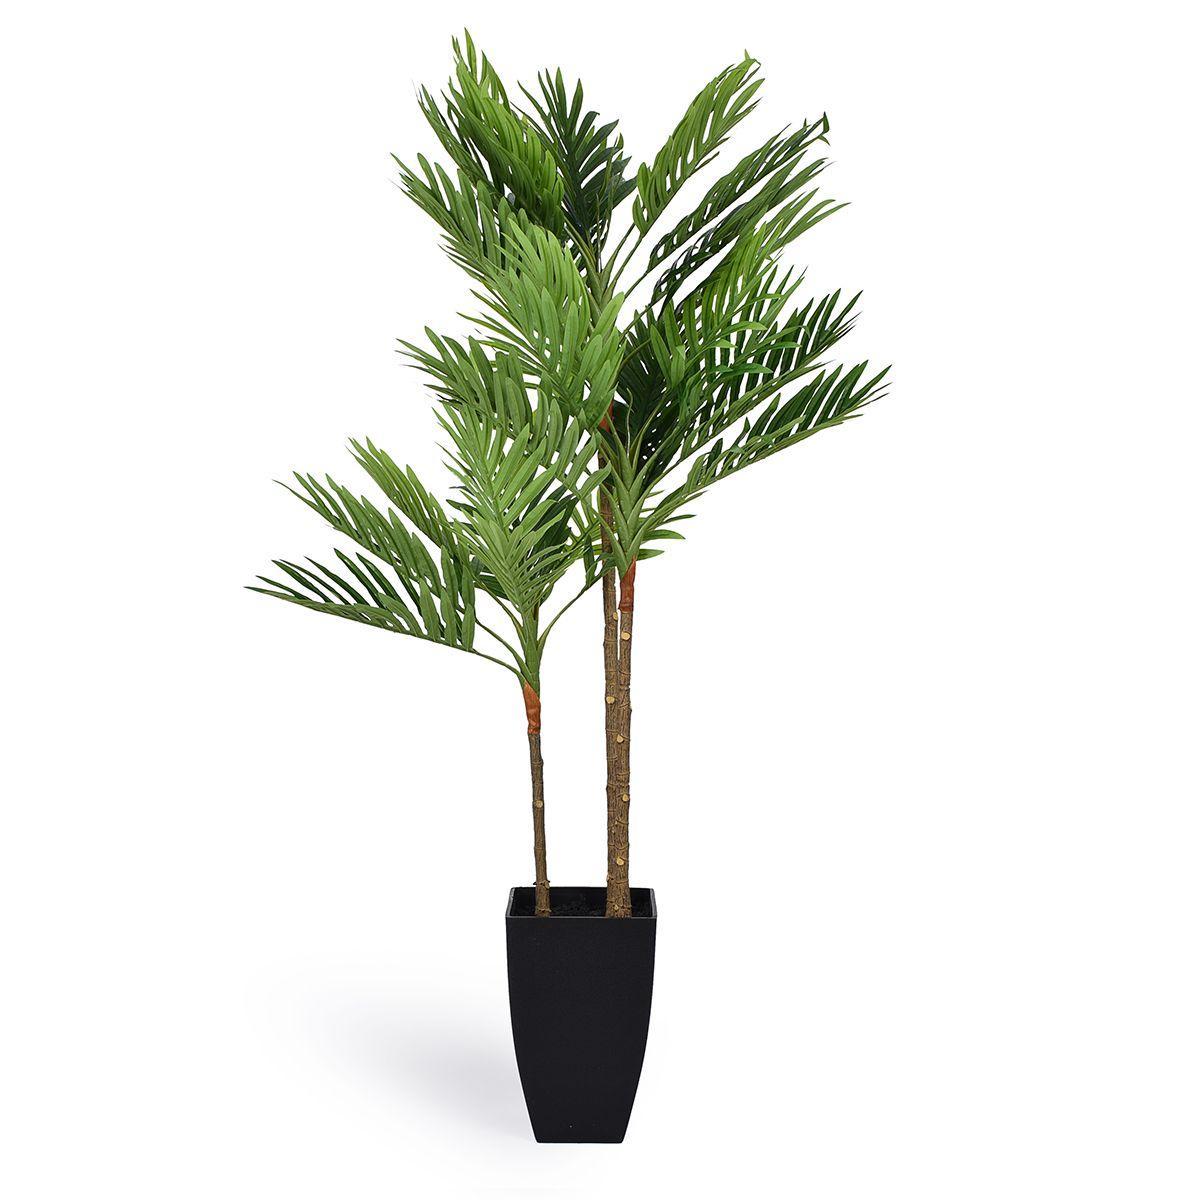 Декоративное дерево Филодендрона Изящного в горшке